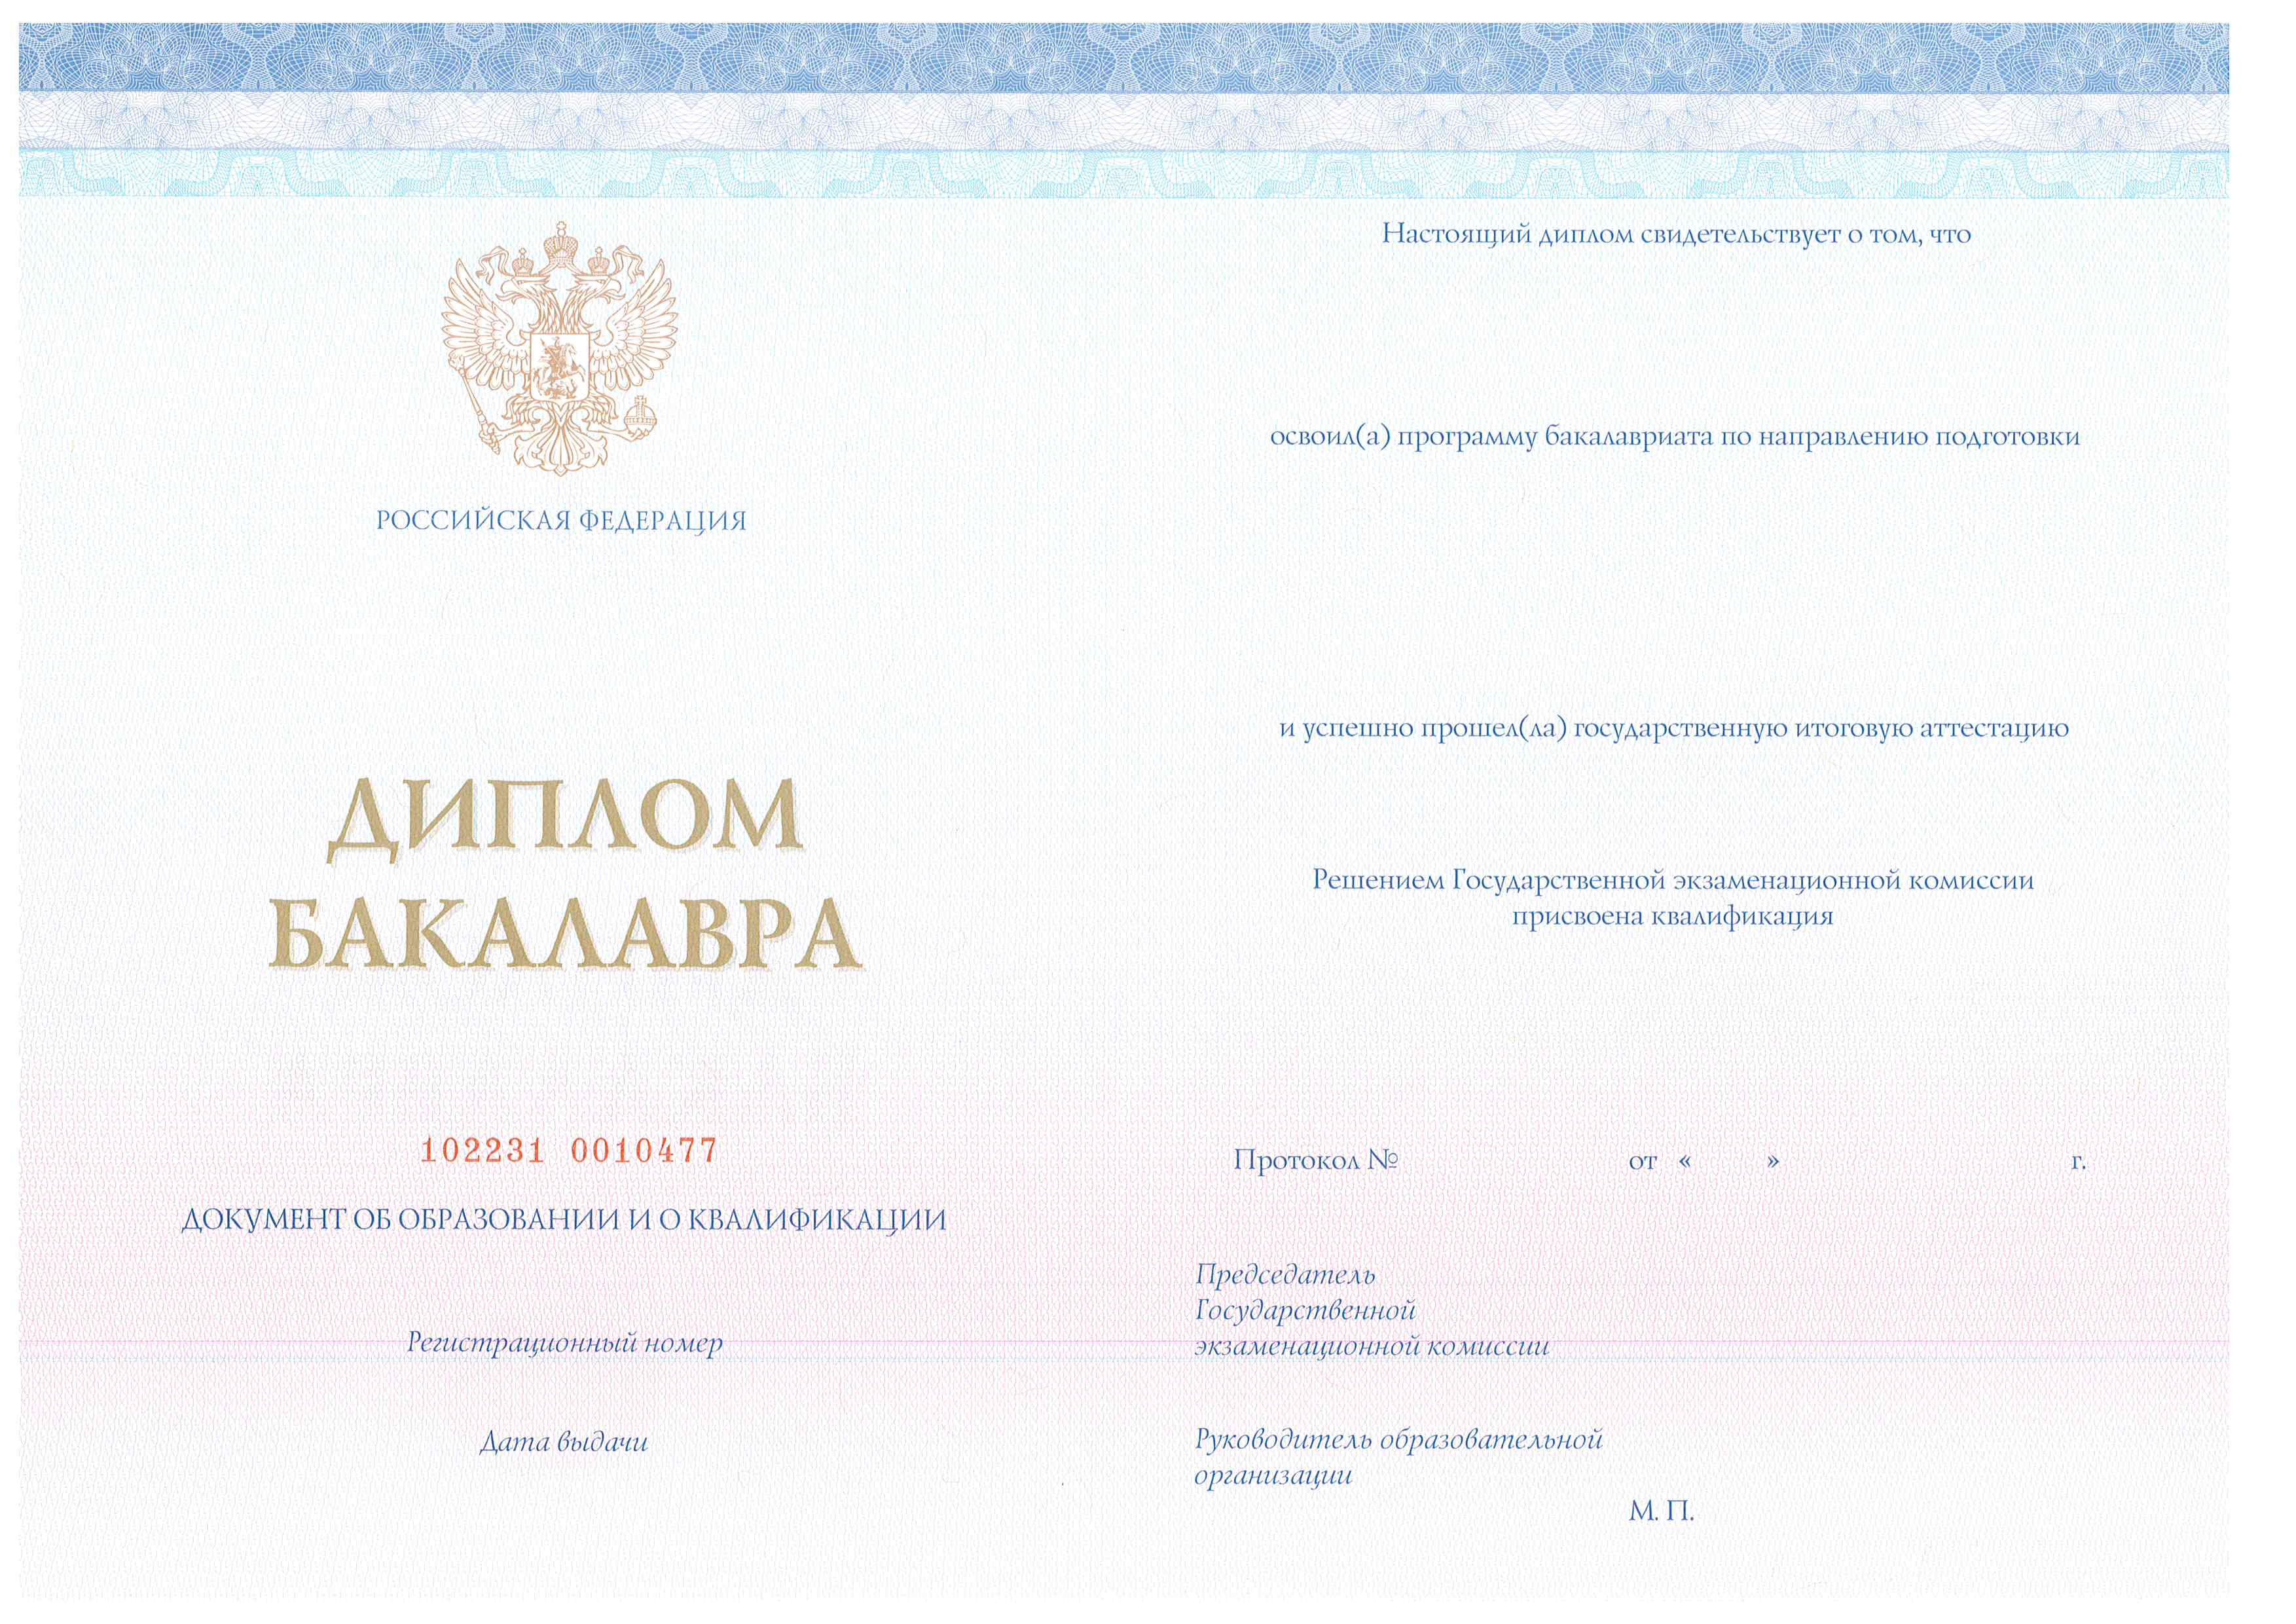 Бланки документов о высшем образовании АлтГТУ